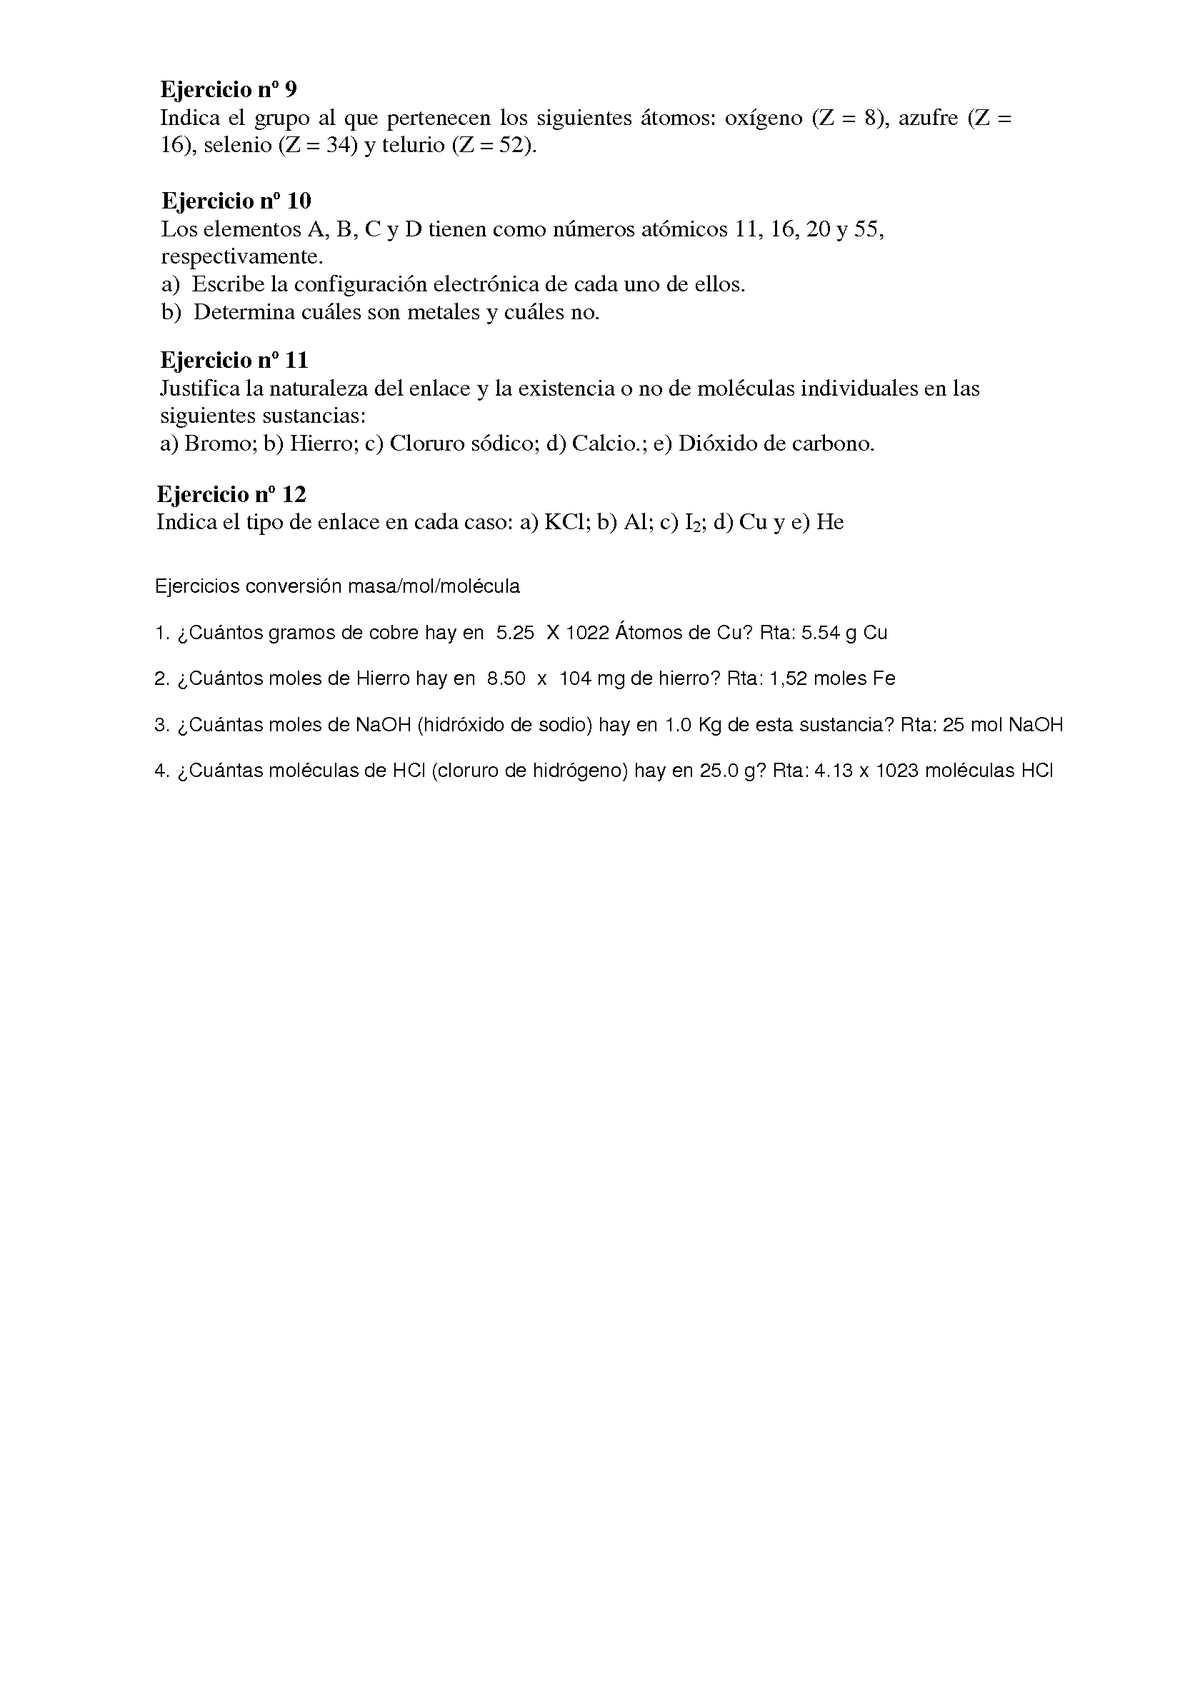 Ejercicios atomos y tabla periodica calameo downloader page 2 urtaz Image collections